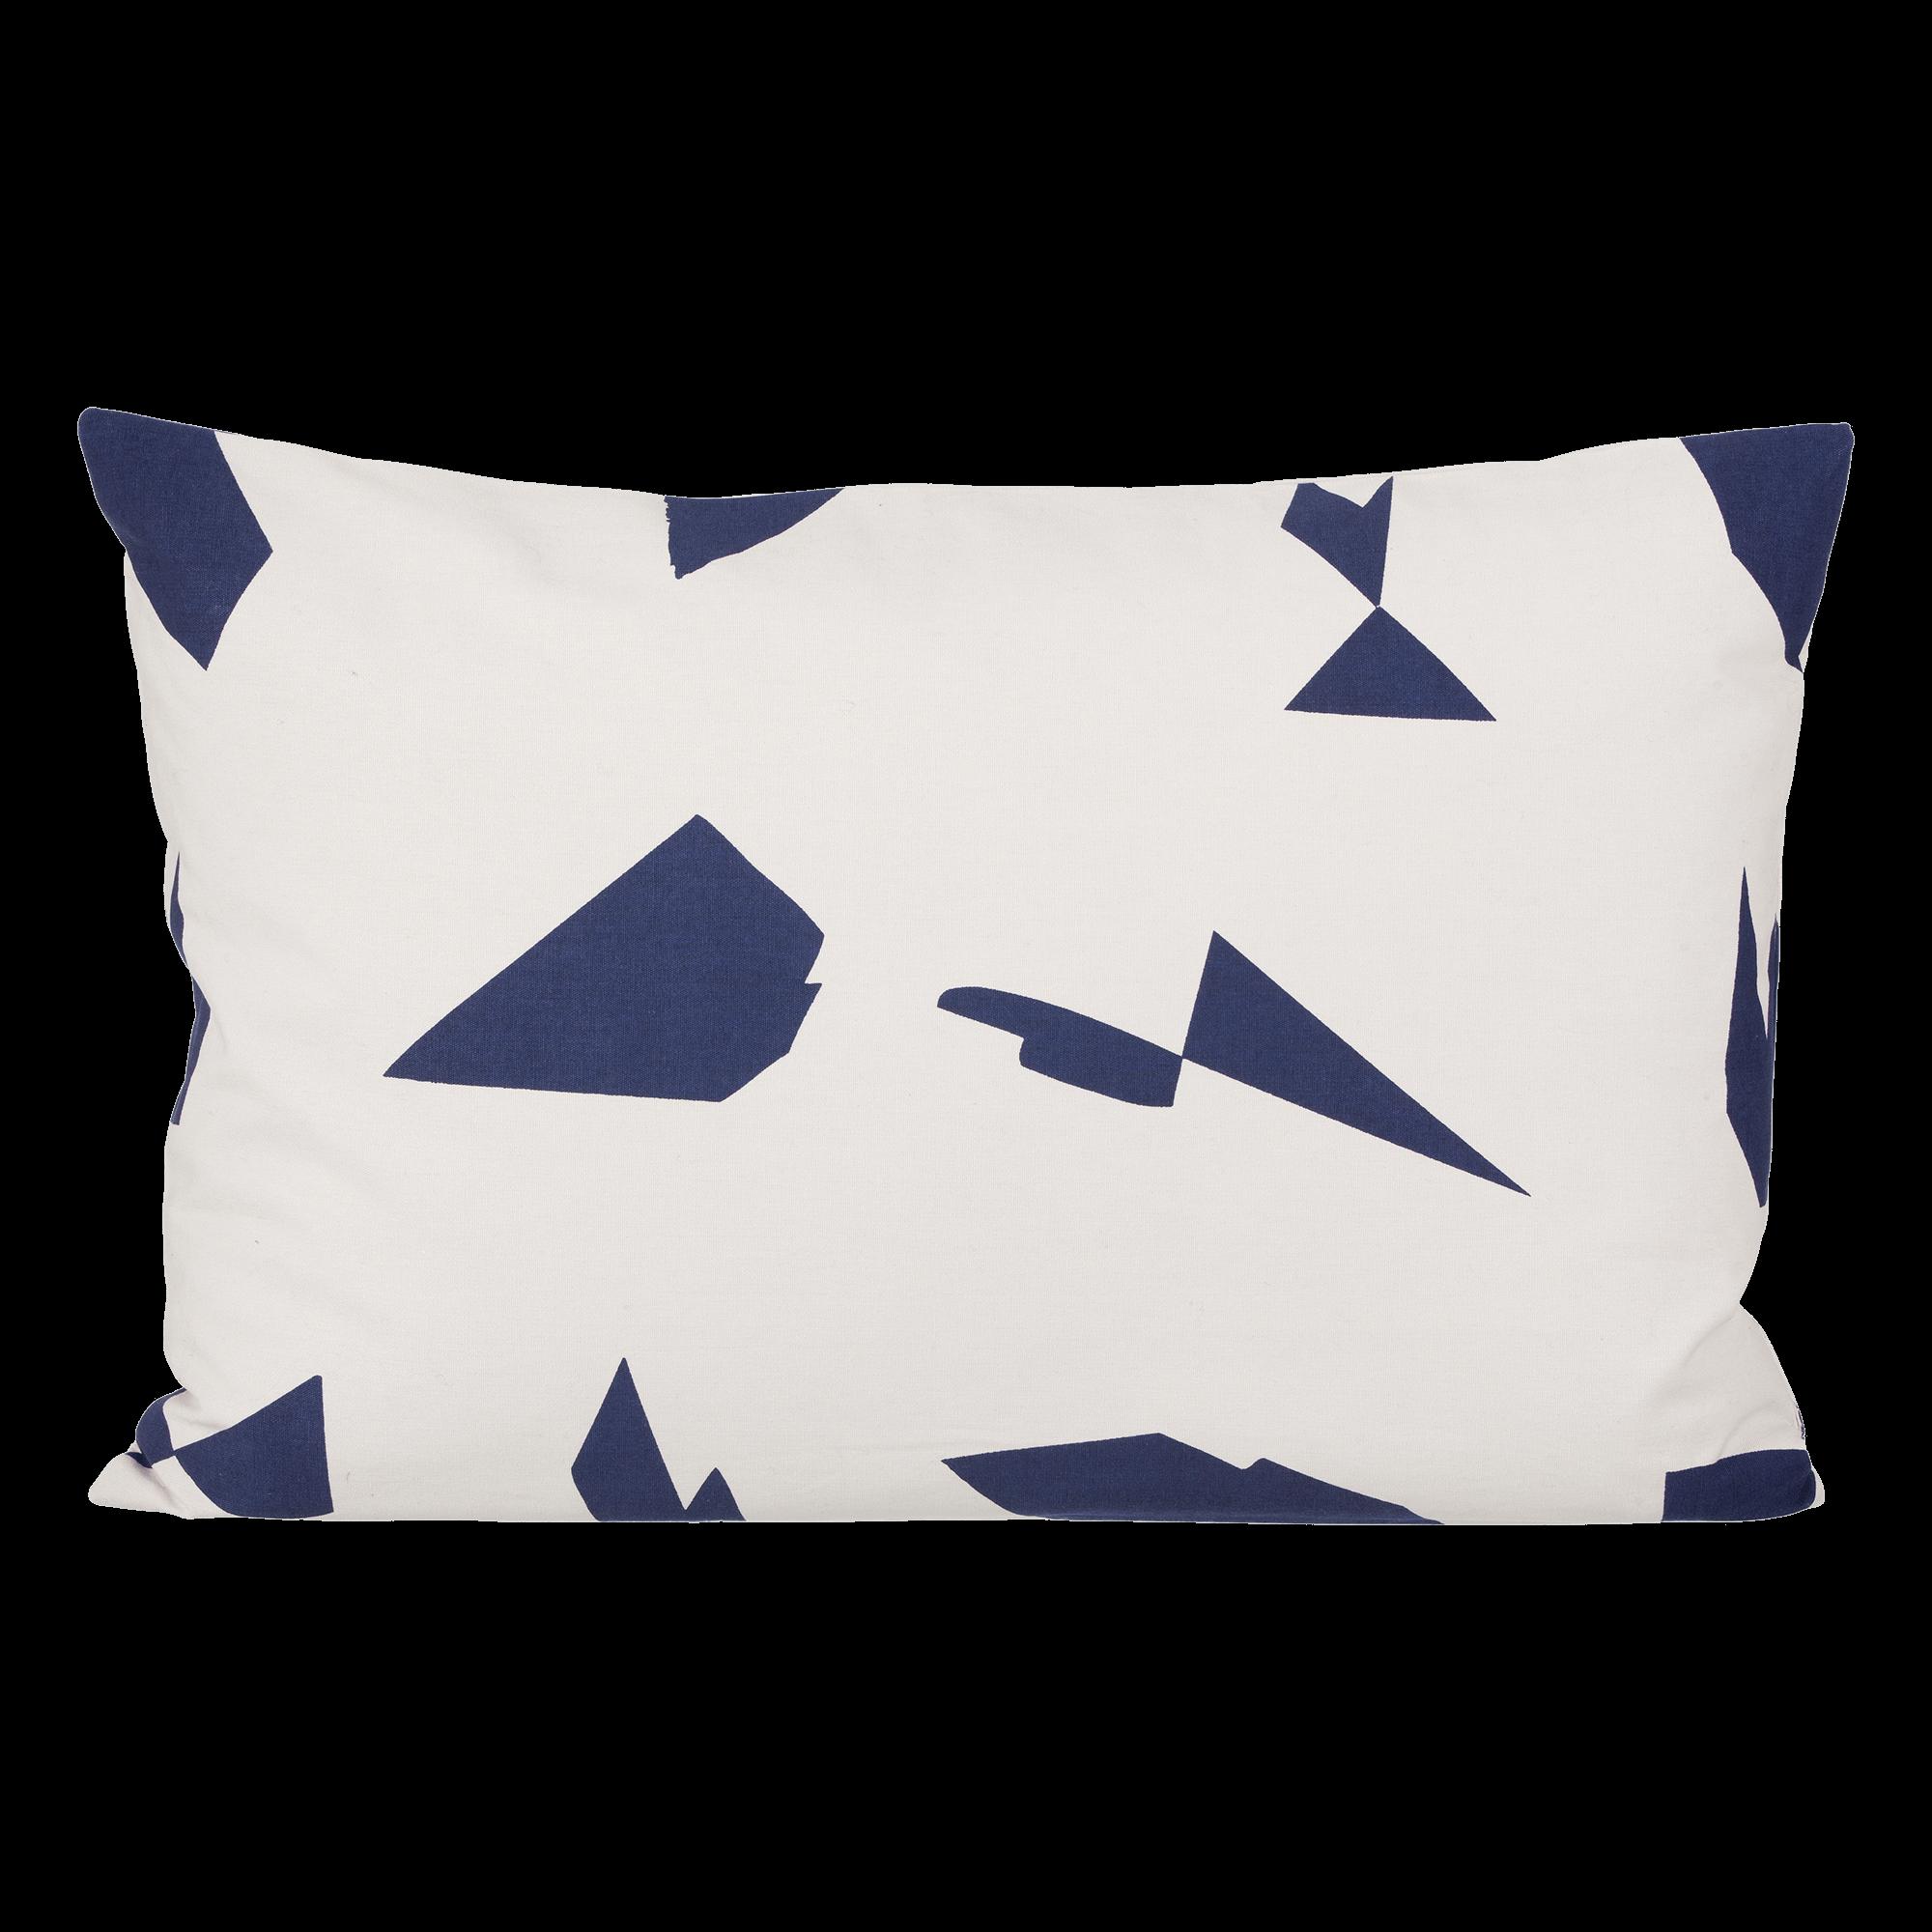 Cut cushion - off-white